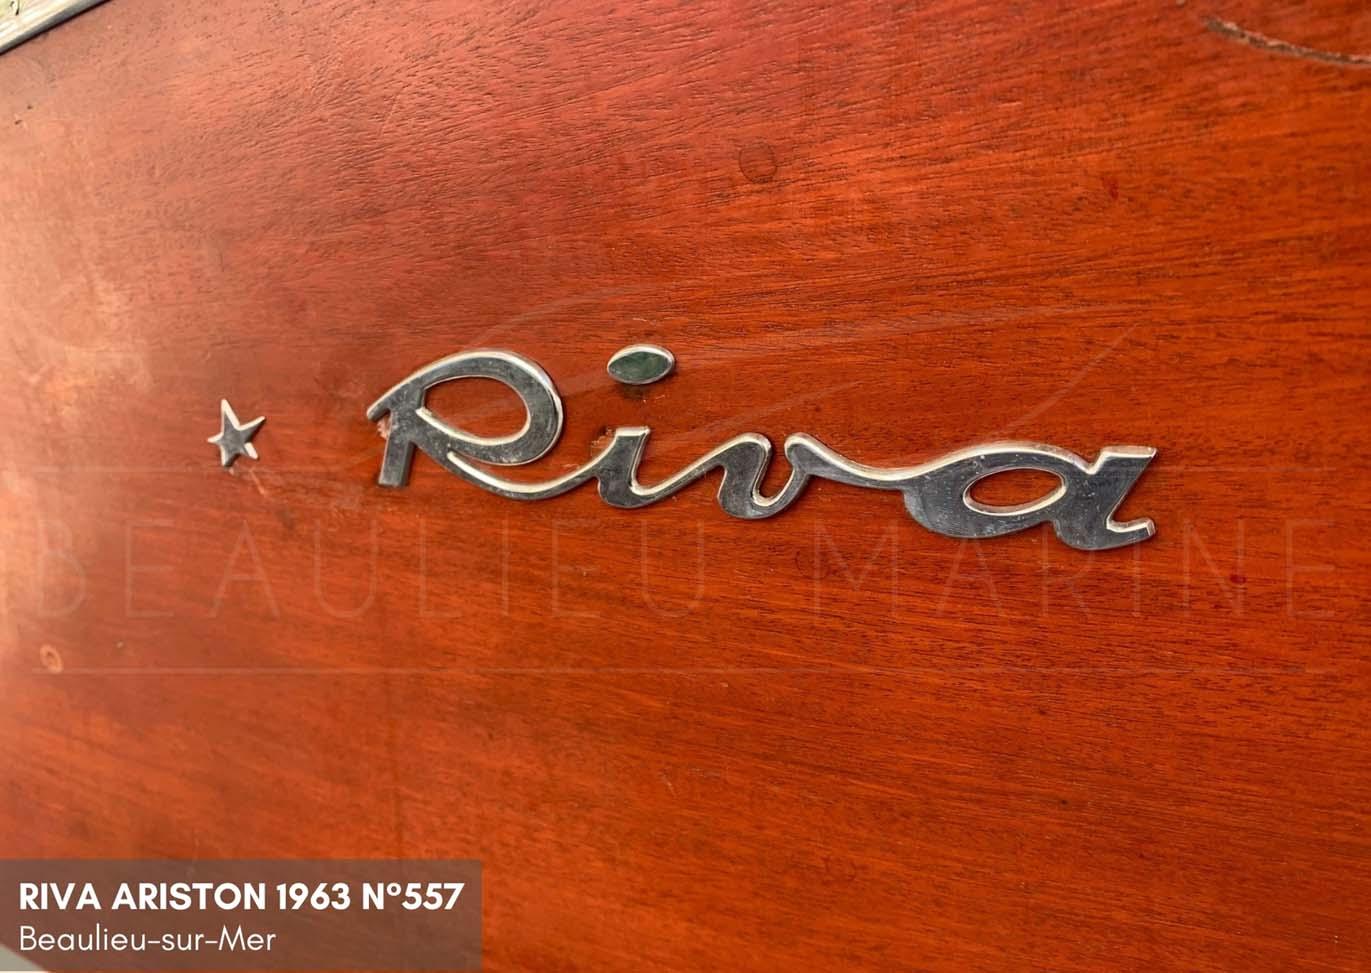 Riva Ariston 1963